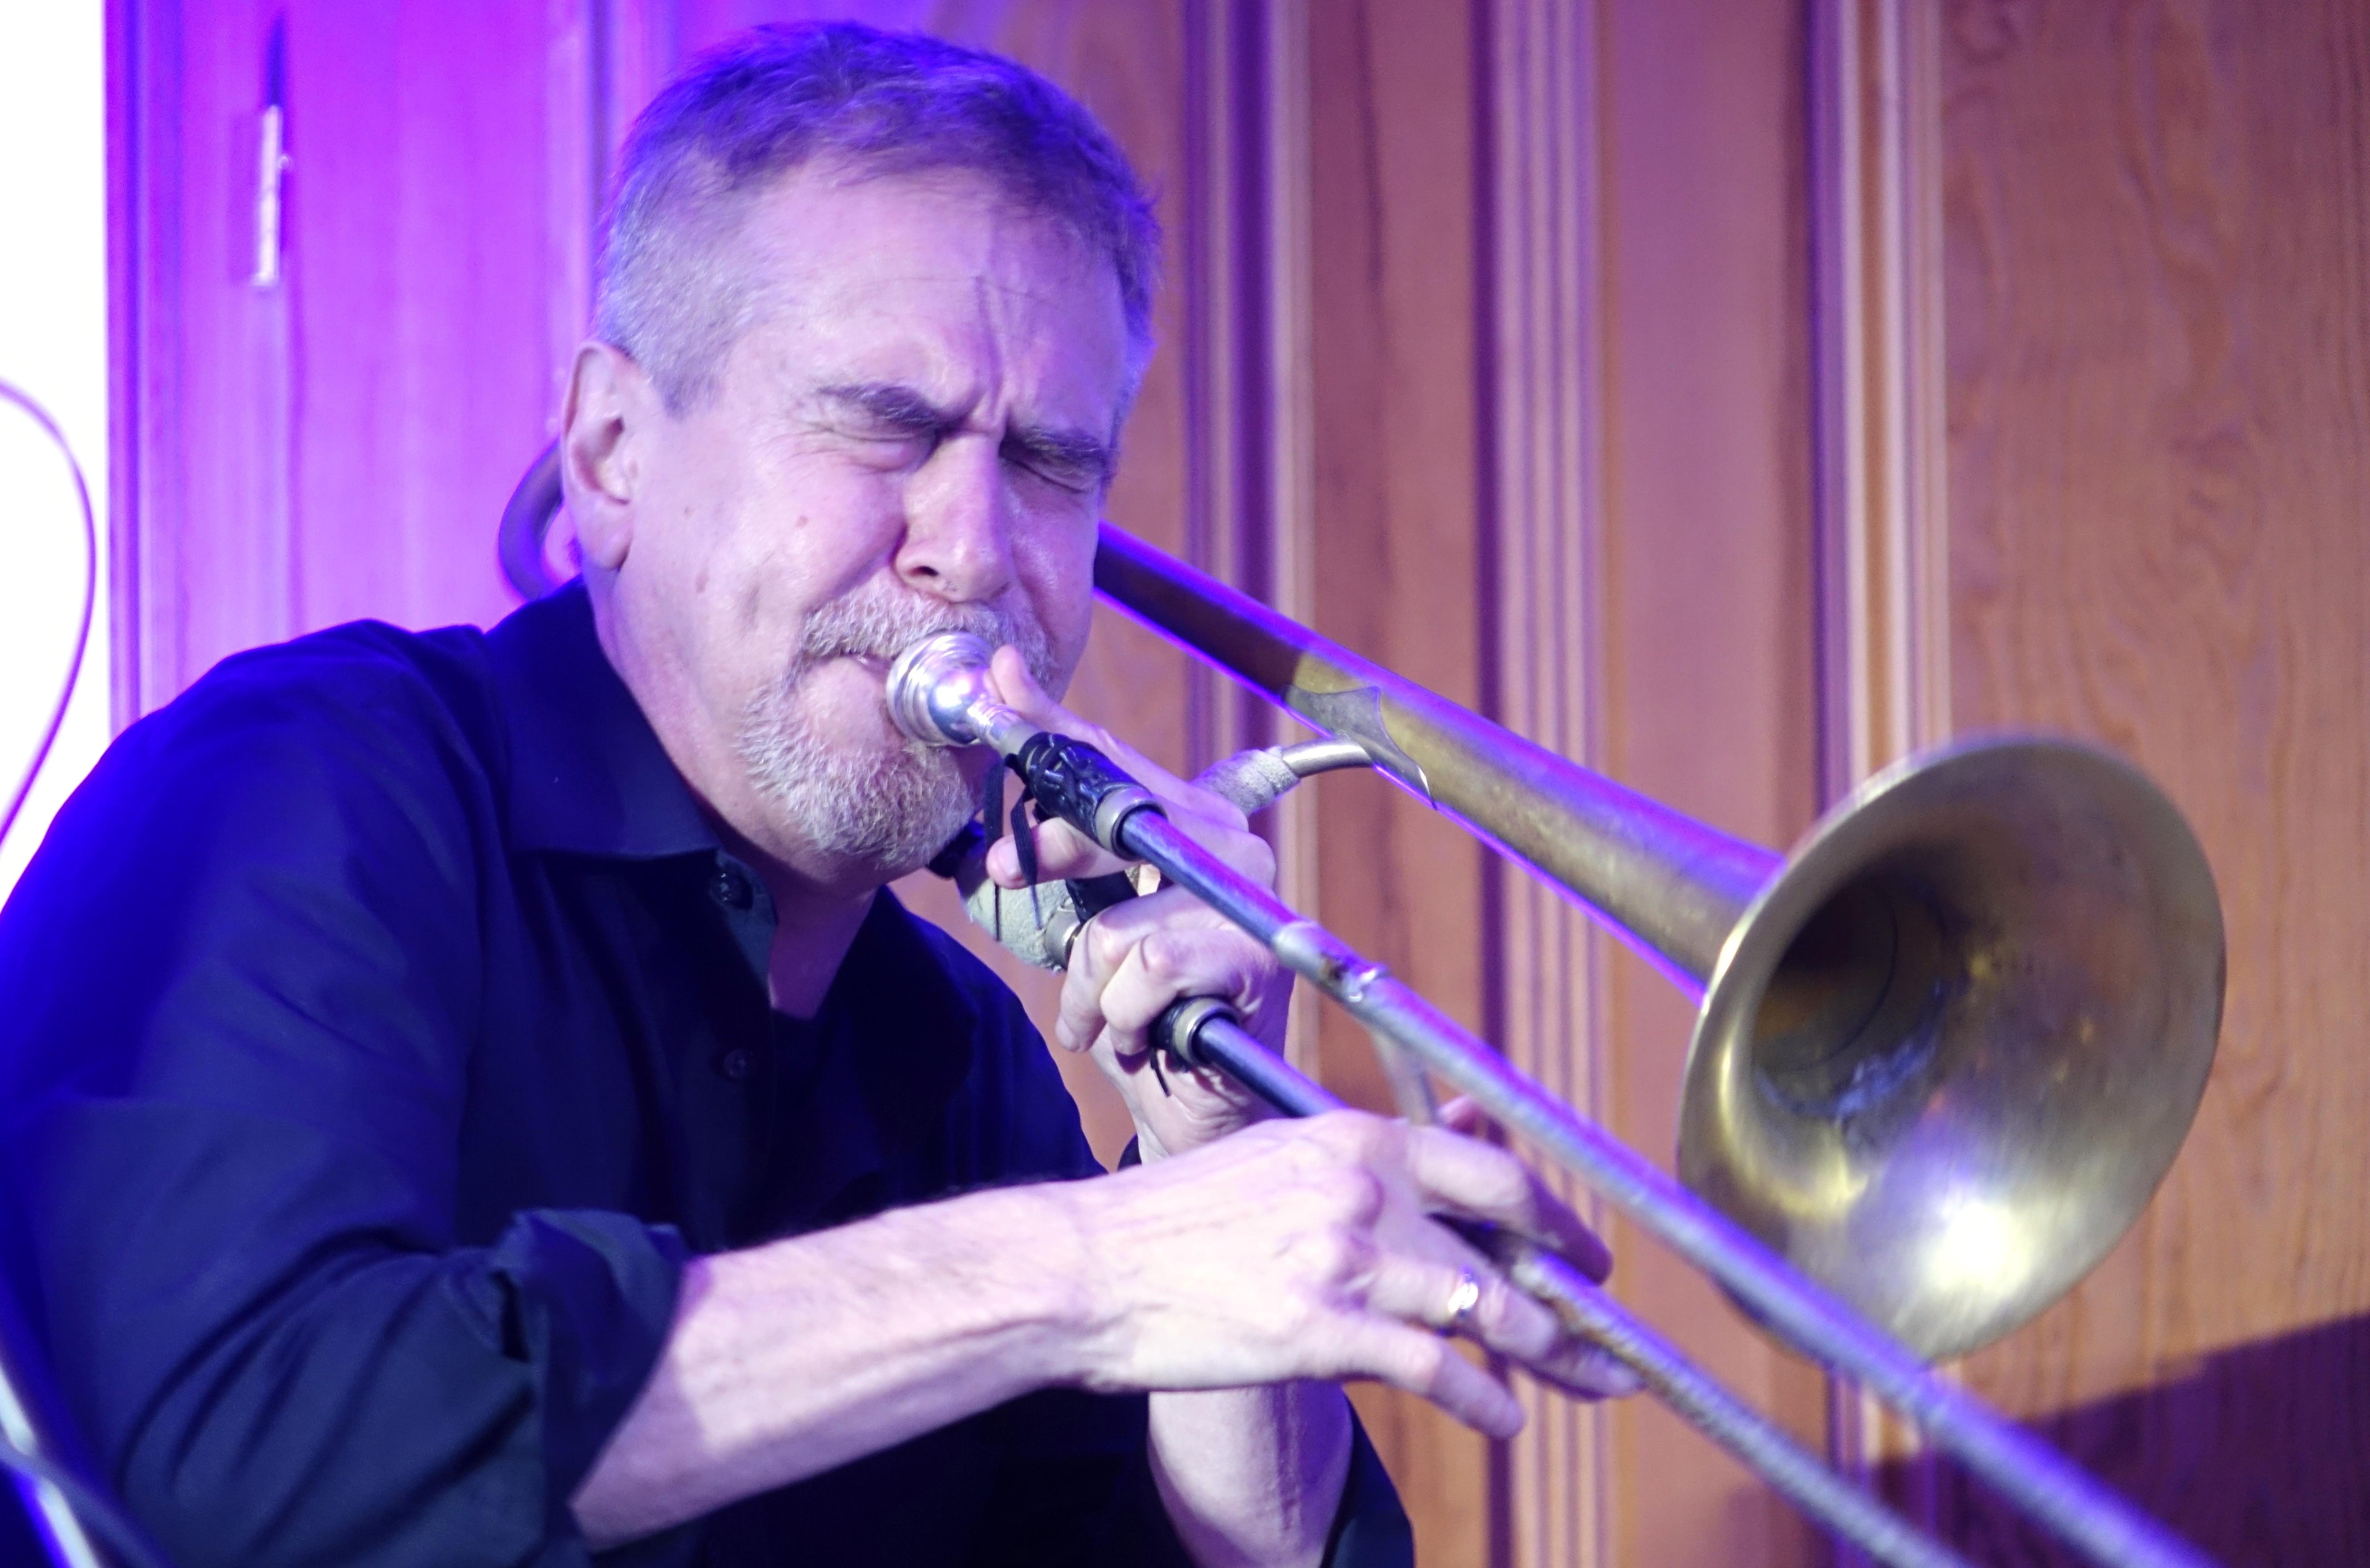 Steve Swell at Wlen, Poland on 23 September 2018